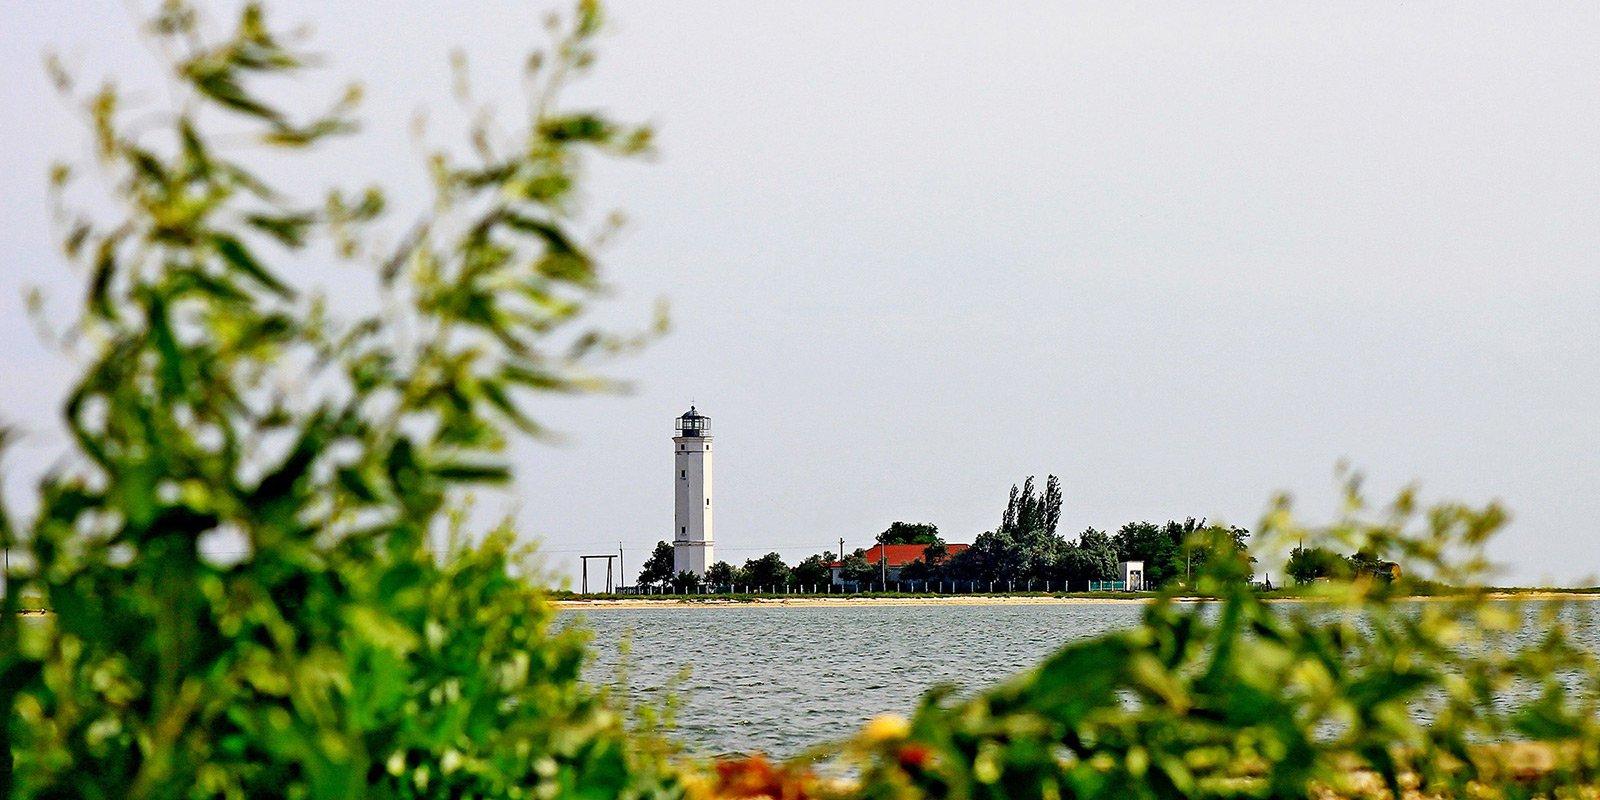 Ще однією визначною пам'яткою острова є Бирючий маяк.